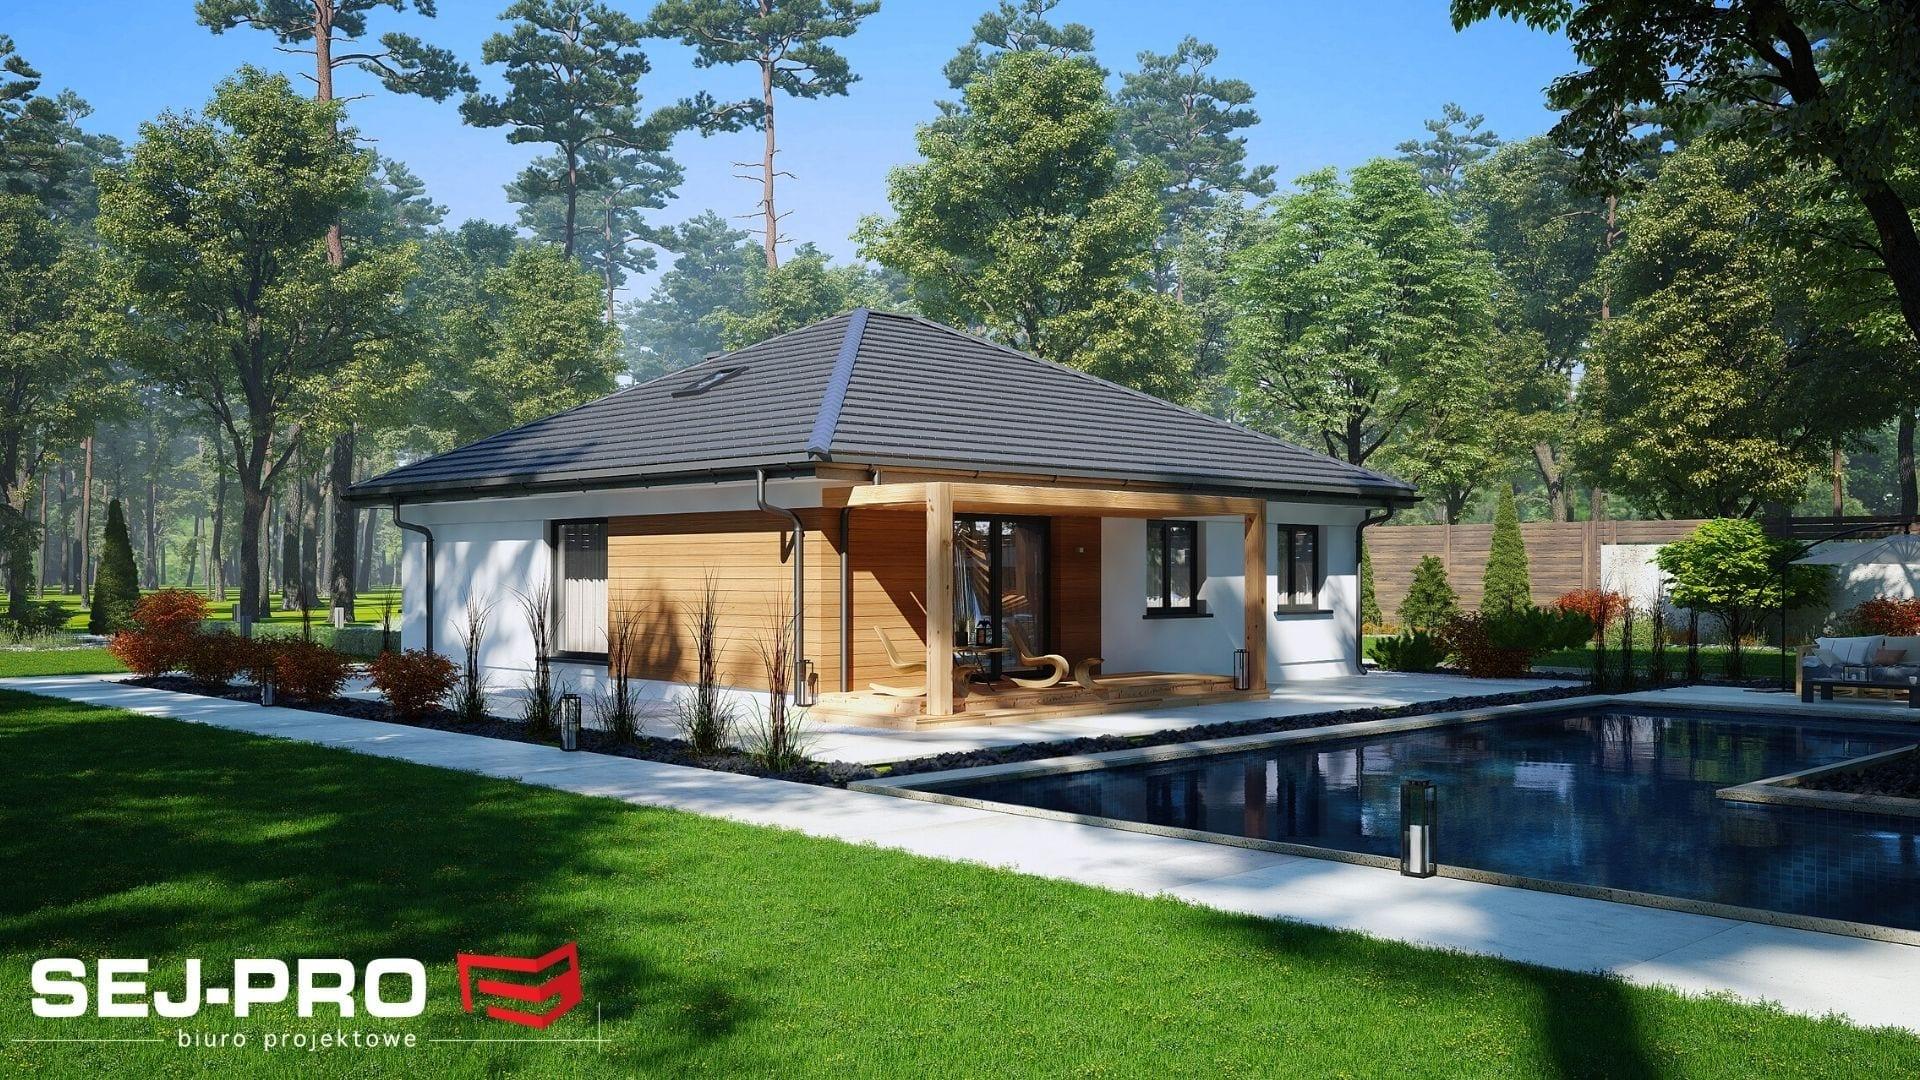 Projekt domu SEJ-PRO 015/2 ENERGO